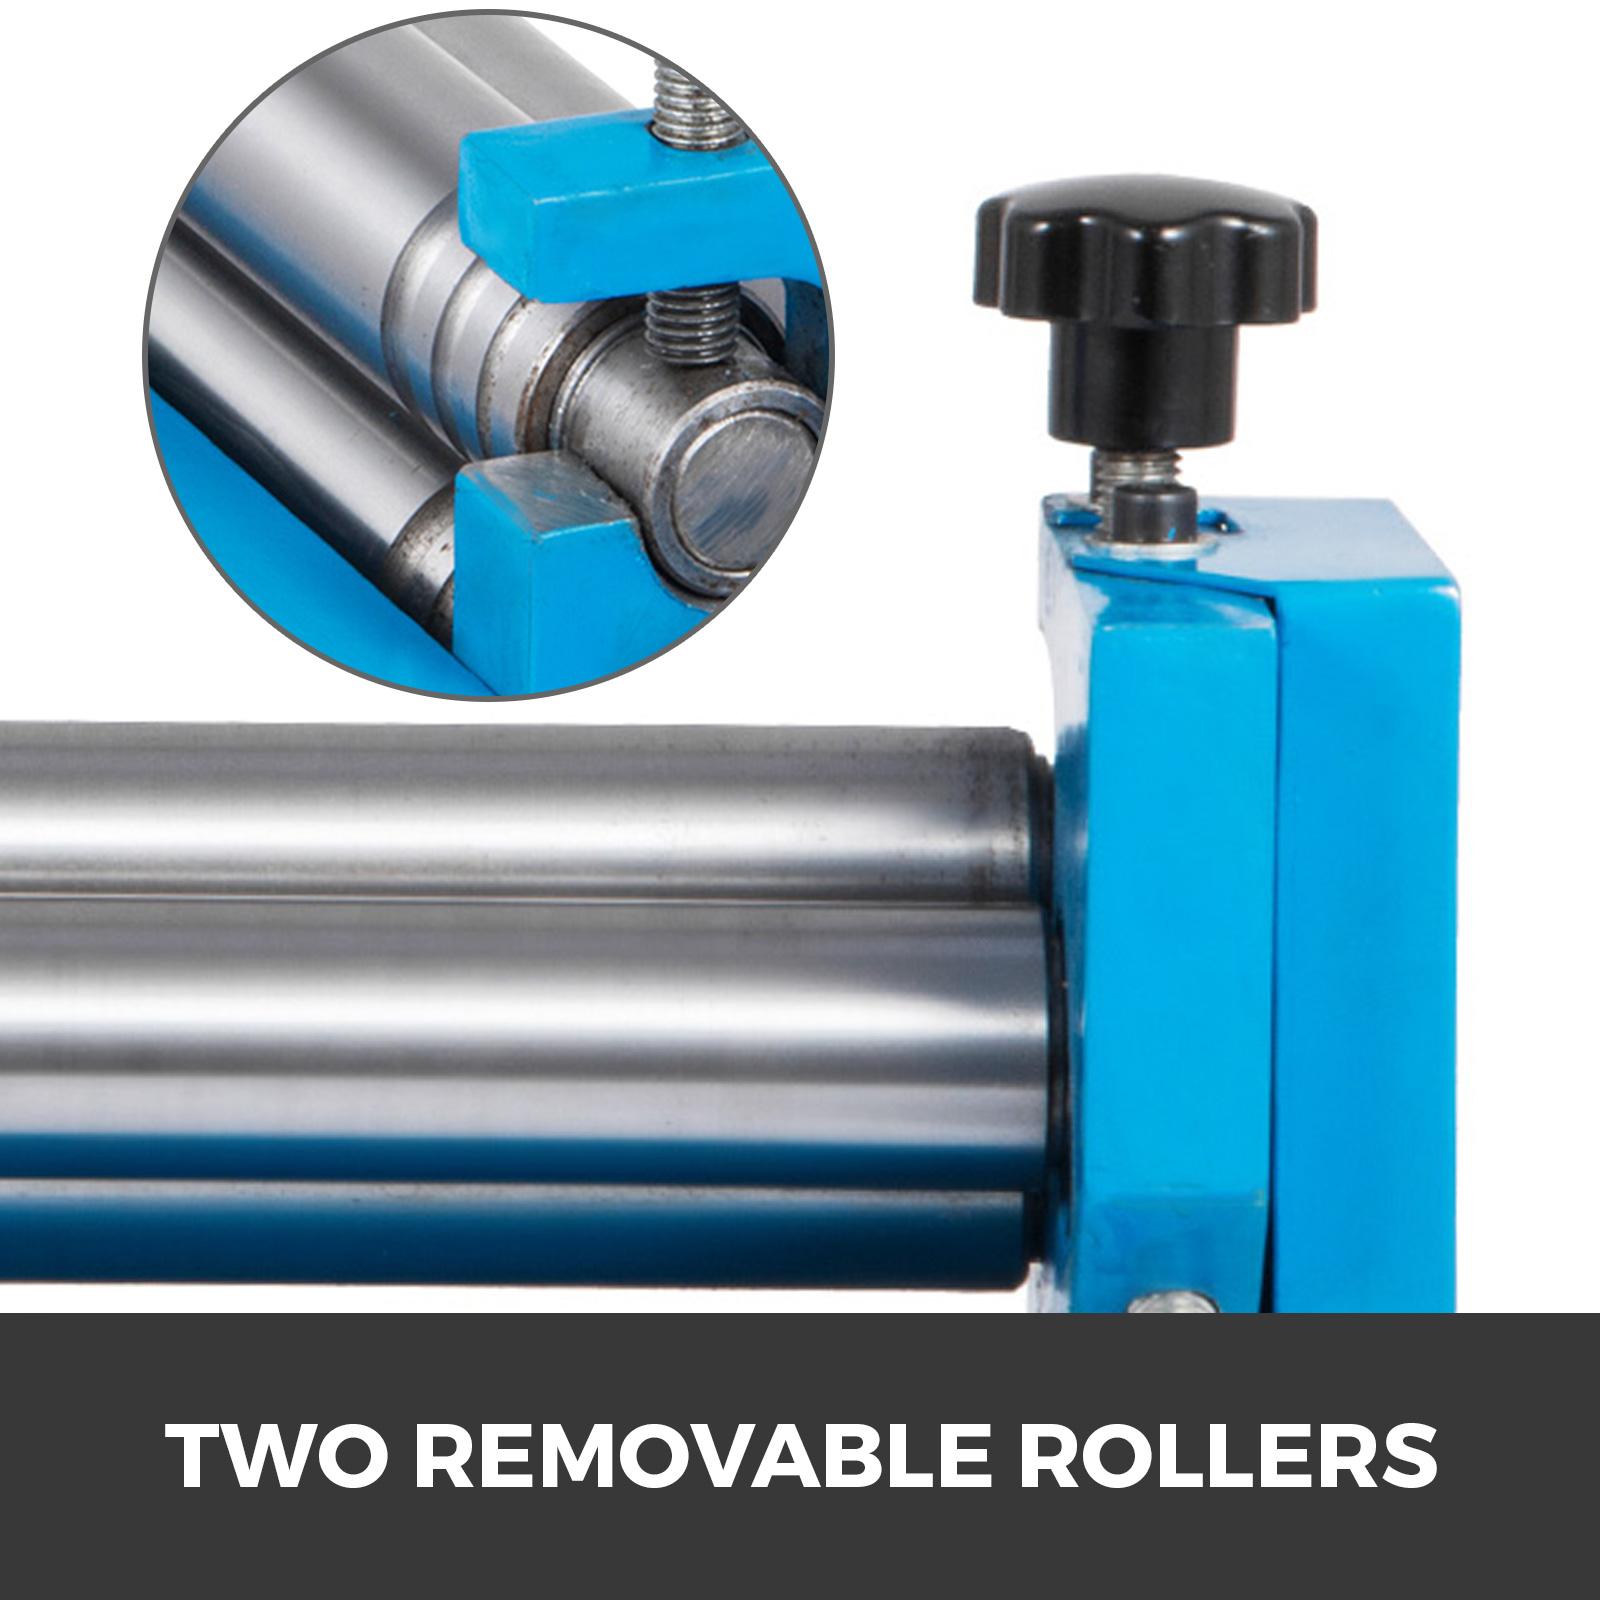 Sj 300 Slip Roll Machine 11 8 Quot 300mm Slip Roller 0 8mm